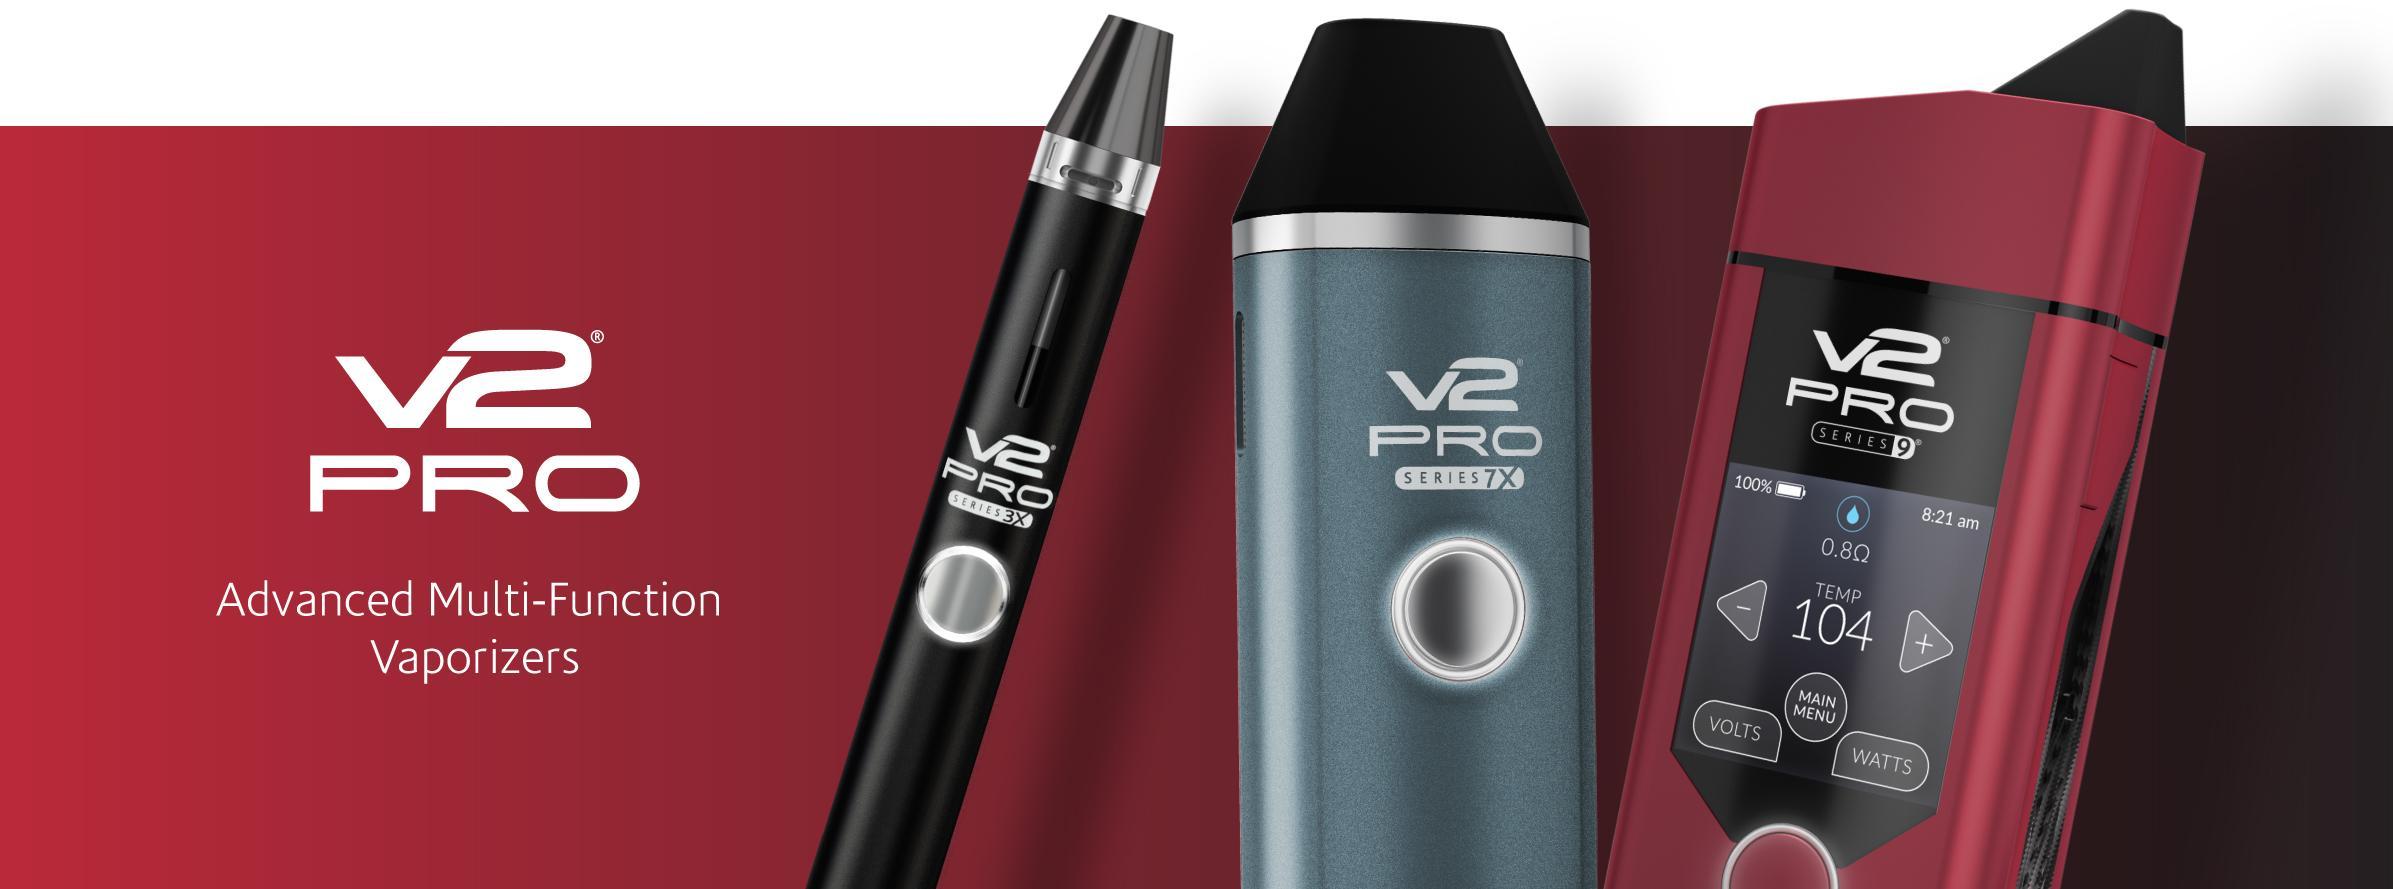 V2 Pro Vaporizers - Advanced Portable Vape Technology